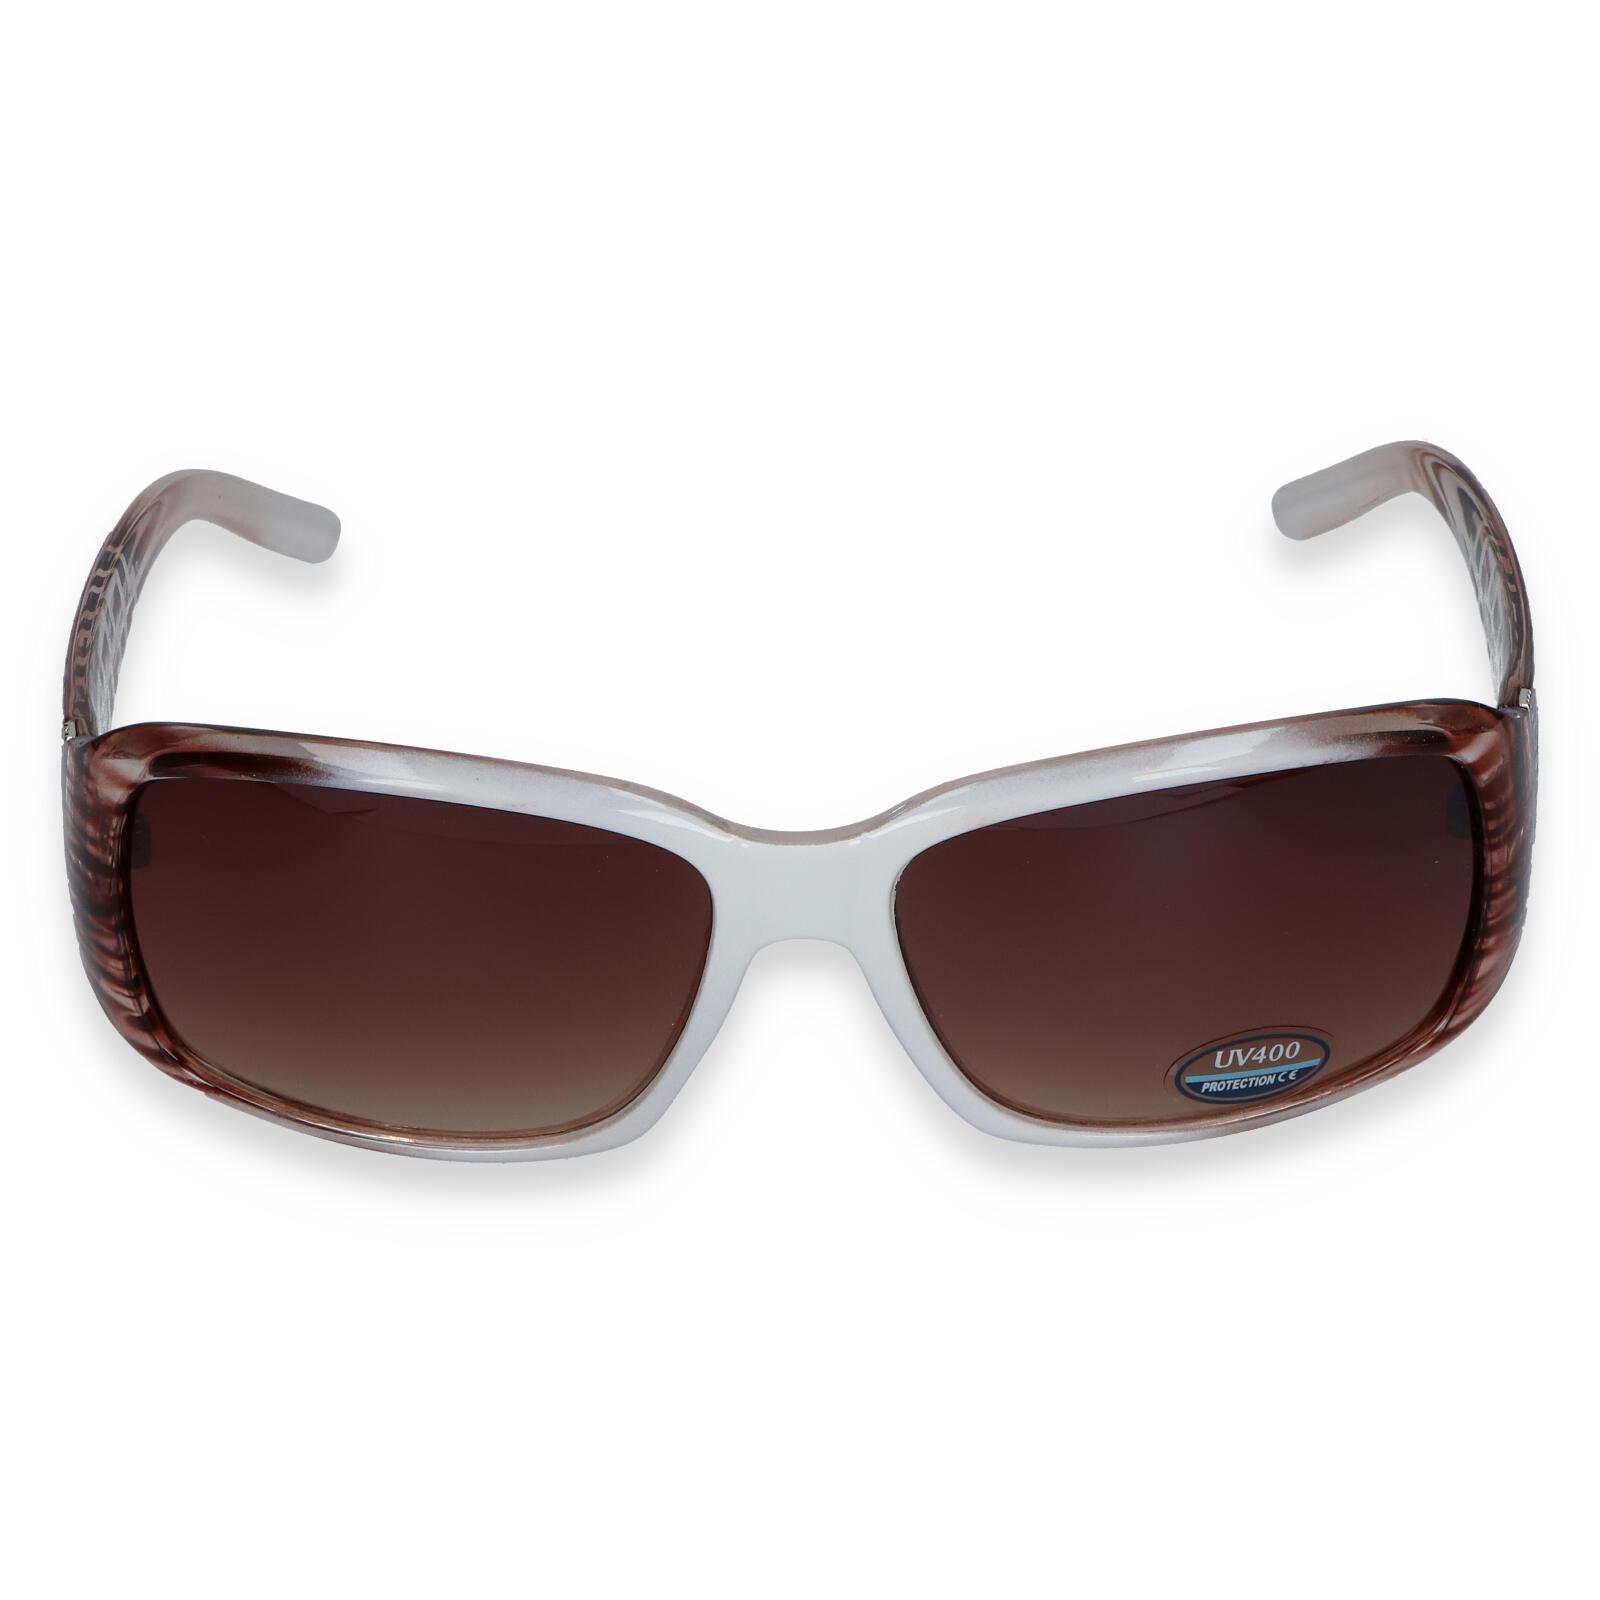 Dámske slnečné okuliare bielo hnedé - SM08